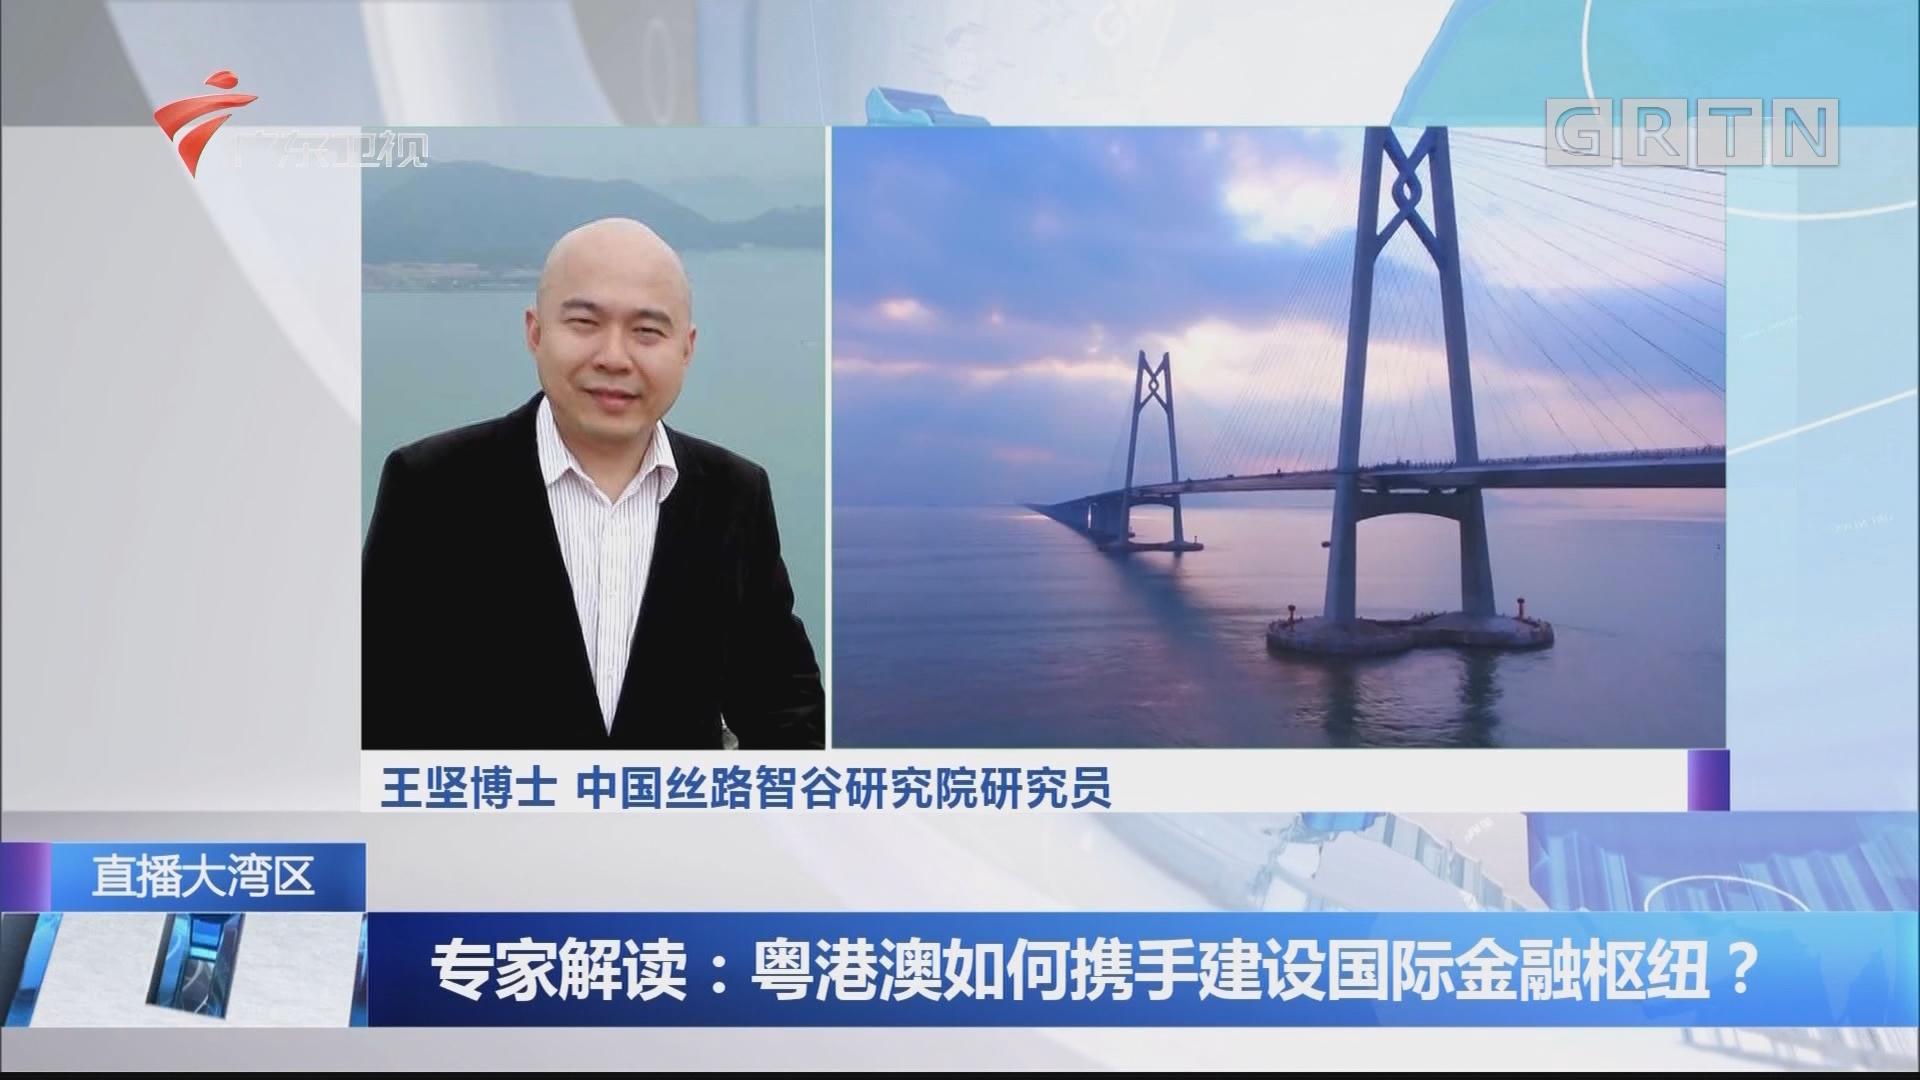 专家解读:粤港澳如何携手建设国际金融枢纽?